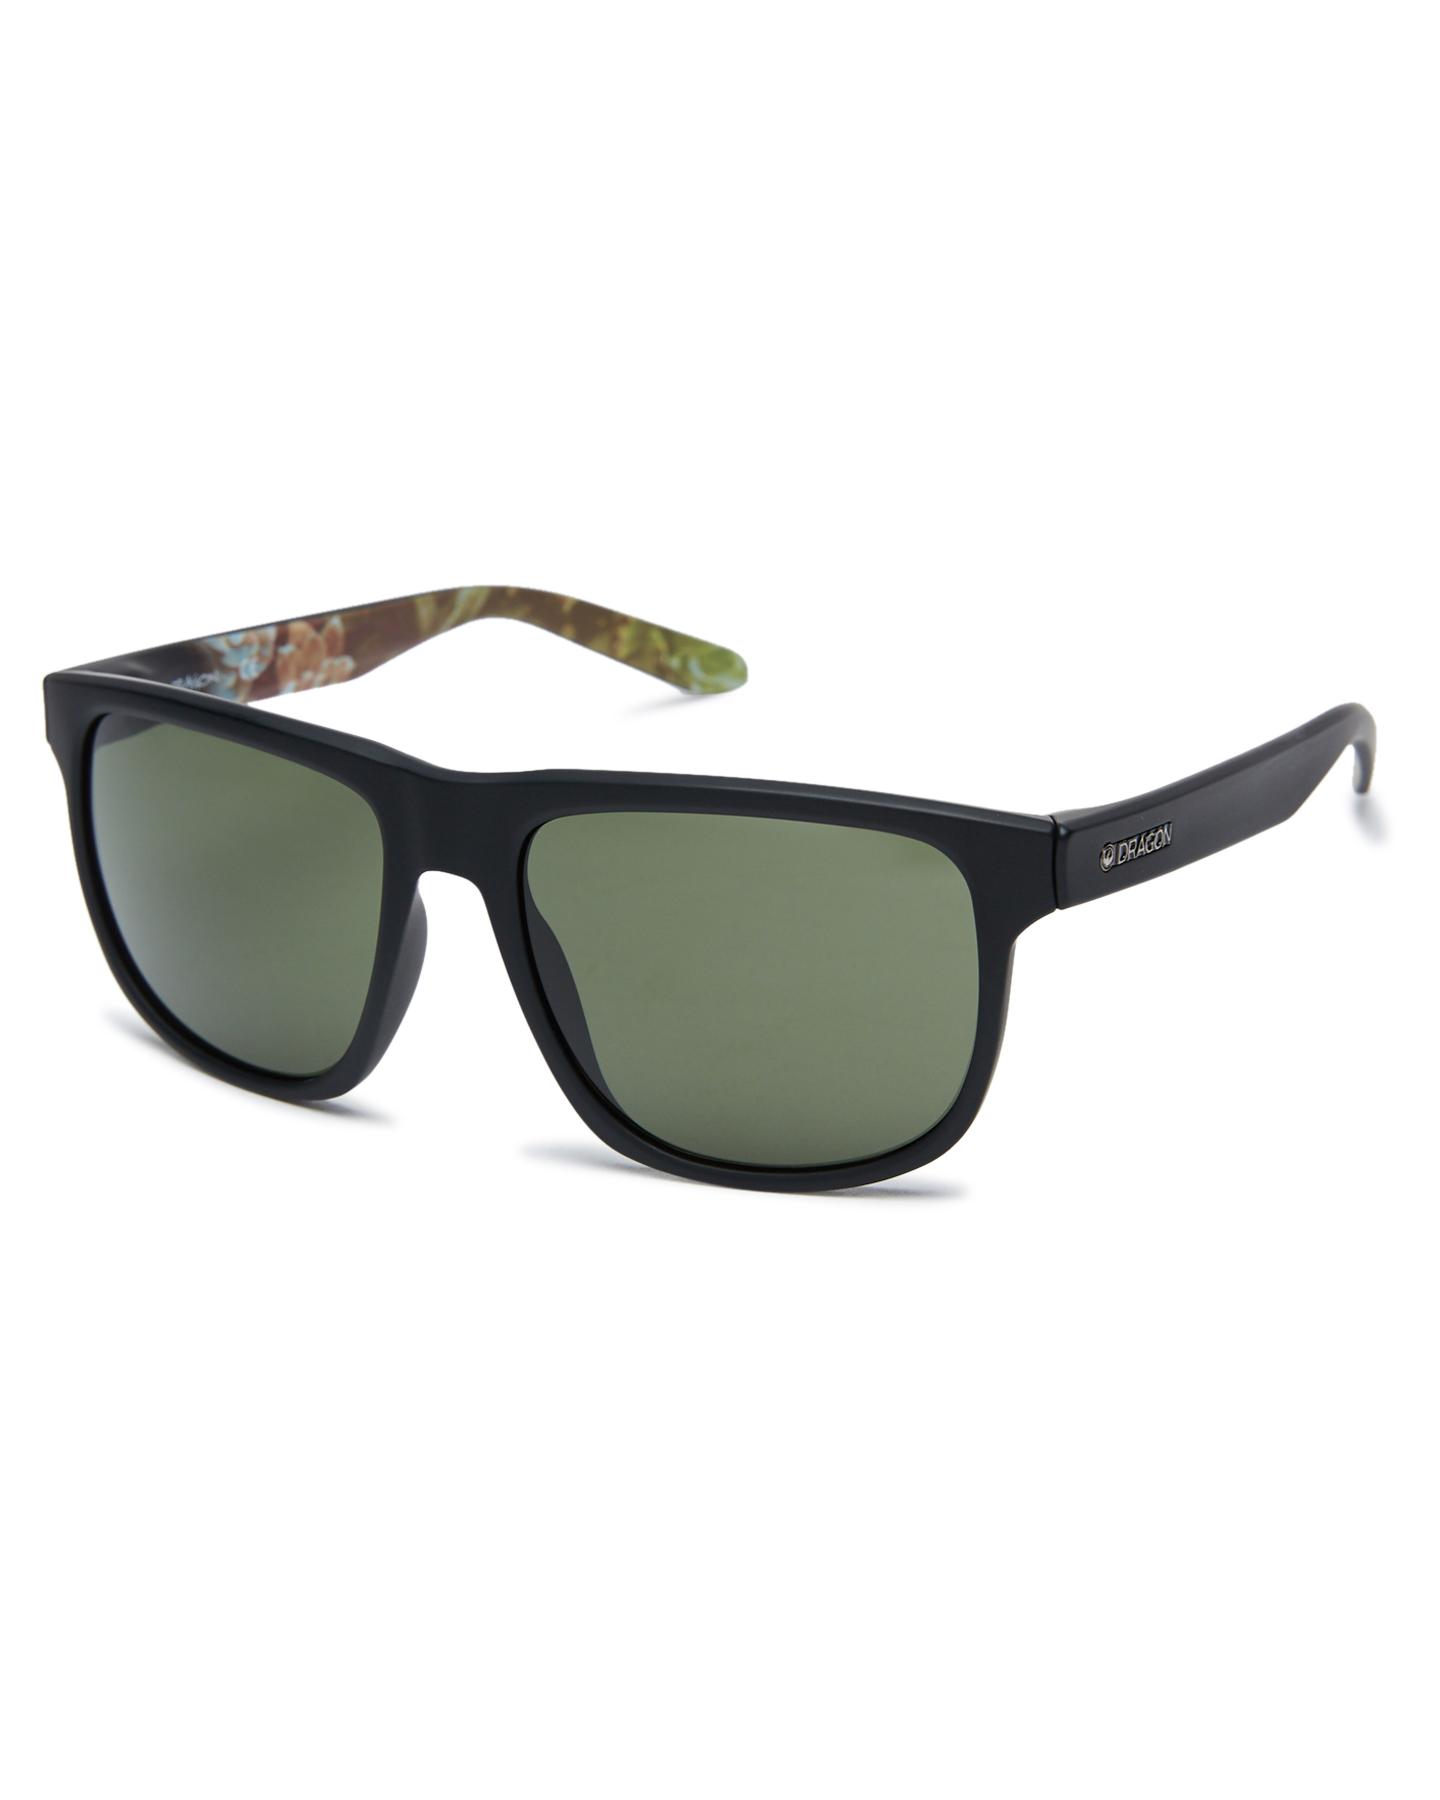 Dragon Sesh Sunglasses Matte Blk Succulent Matte Blk Succulent